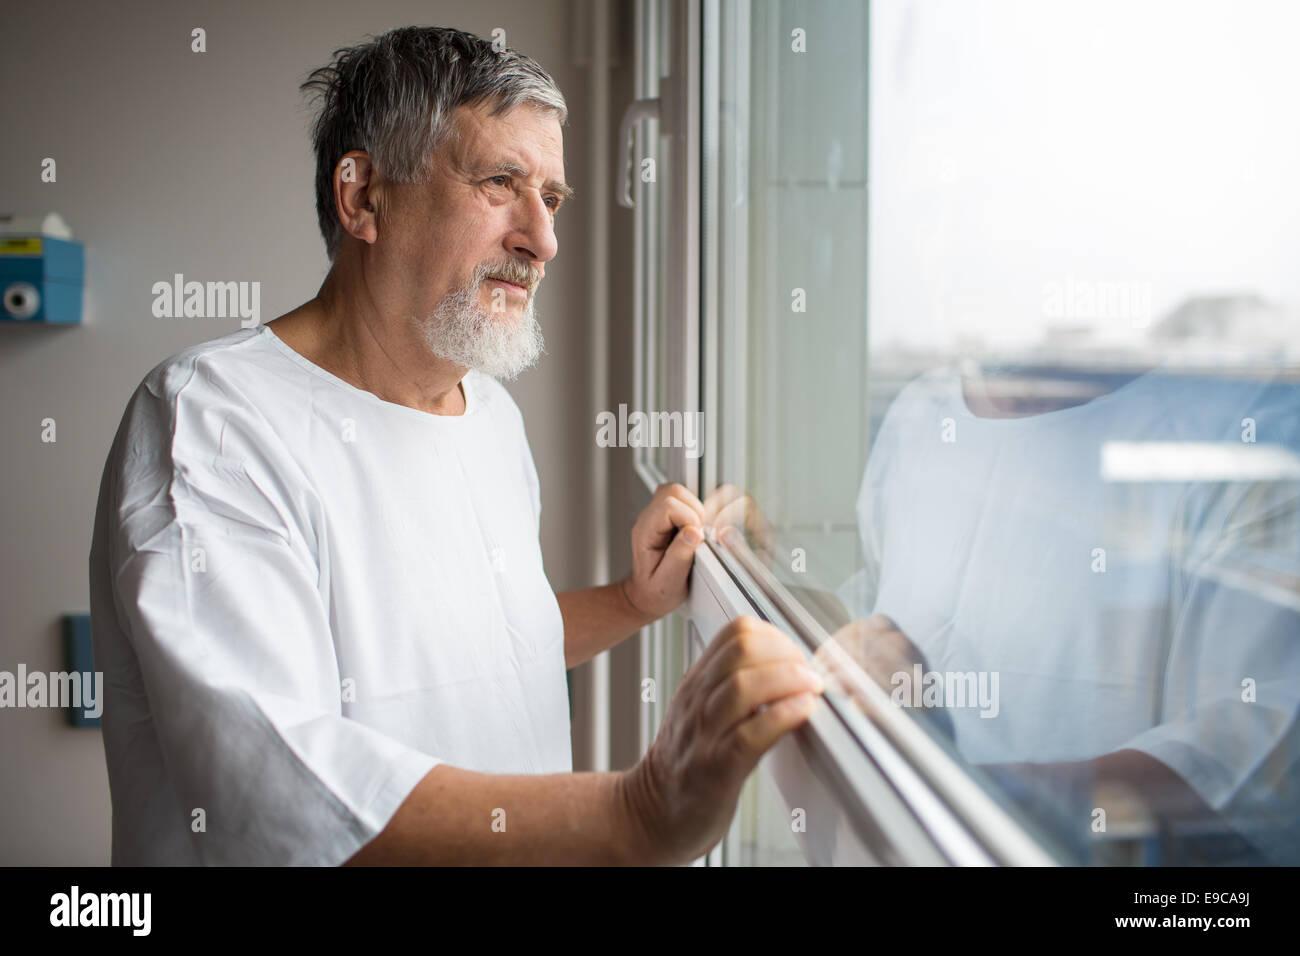 Paciente en un hospital, mirando desde la ventana de su habitación, yendo mucho mejor después de la cirugía Imagen De Stock